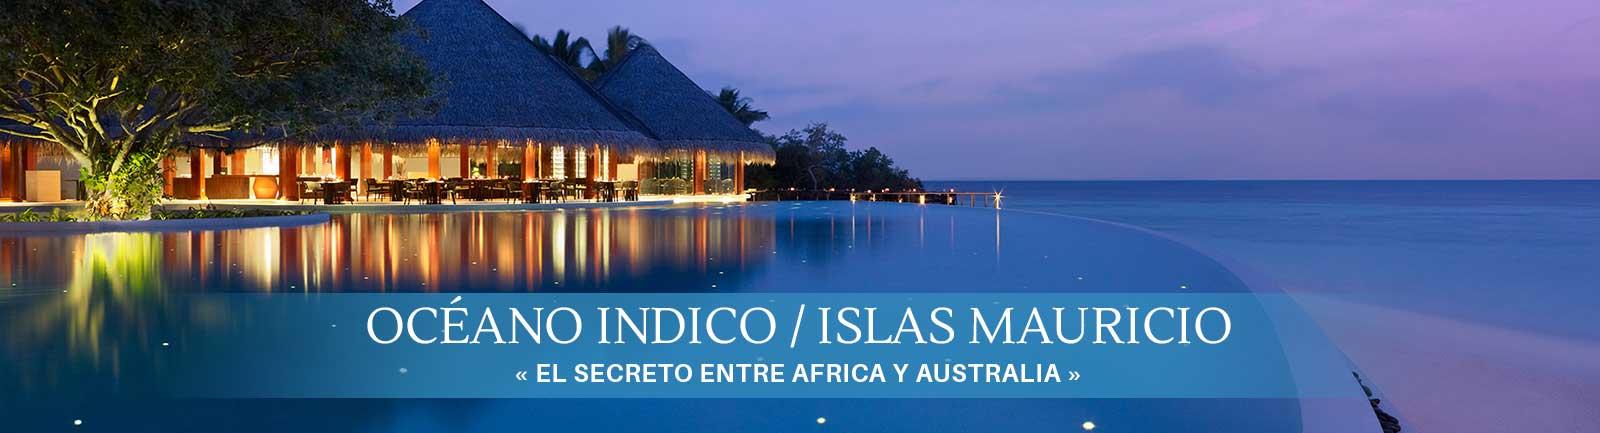 Destino Océano Indico / Islas Mauricio